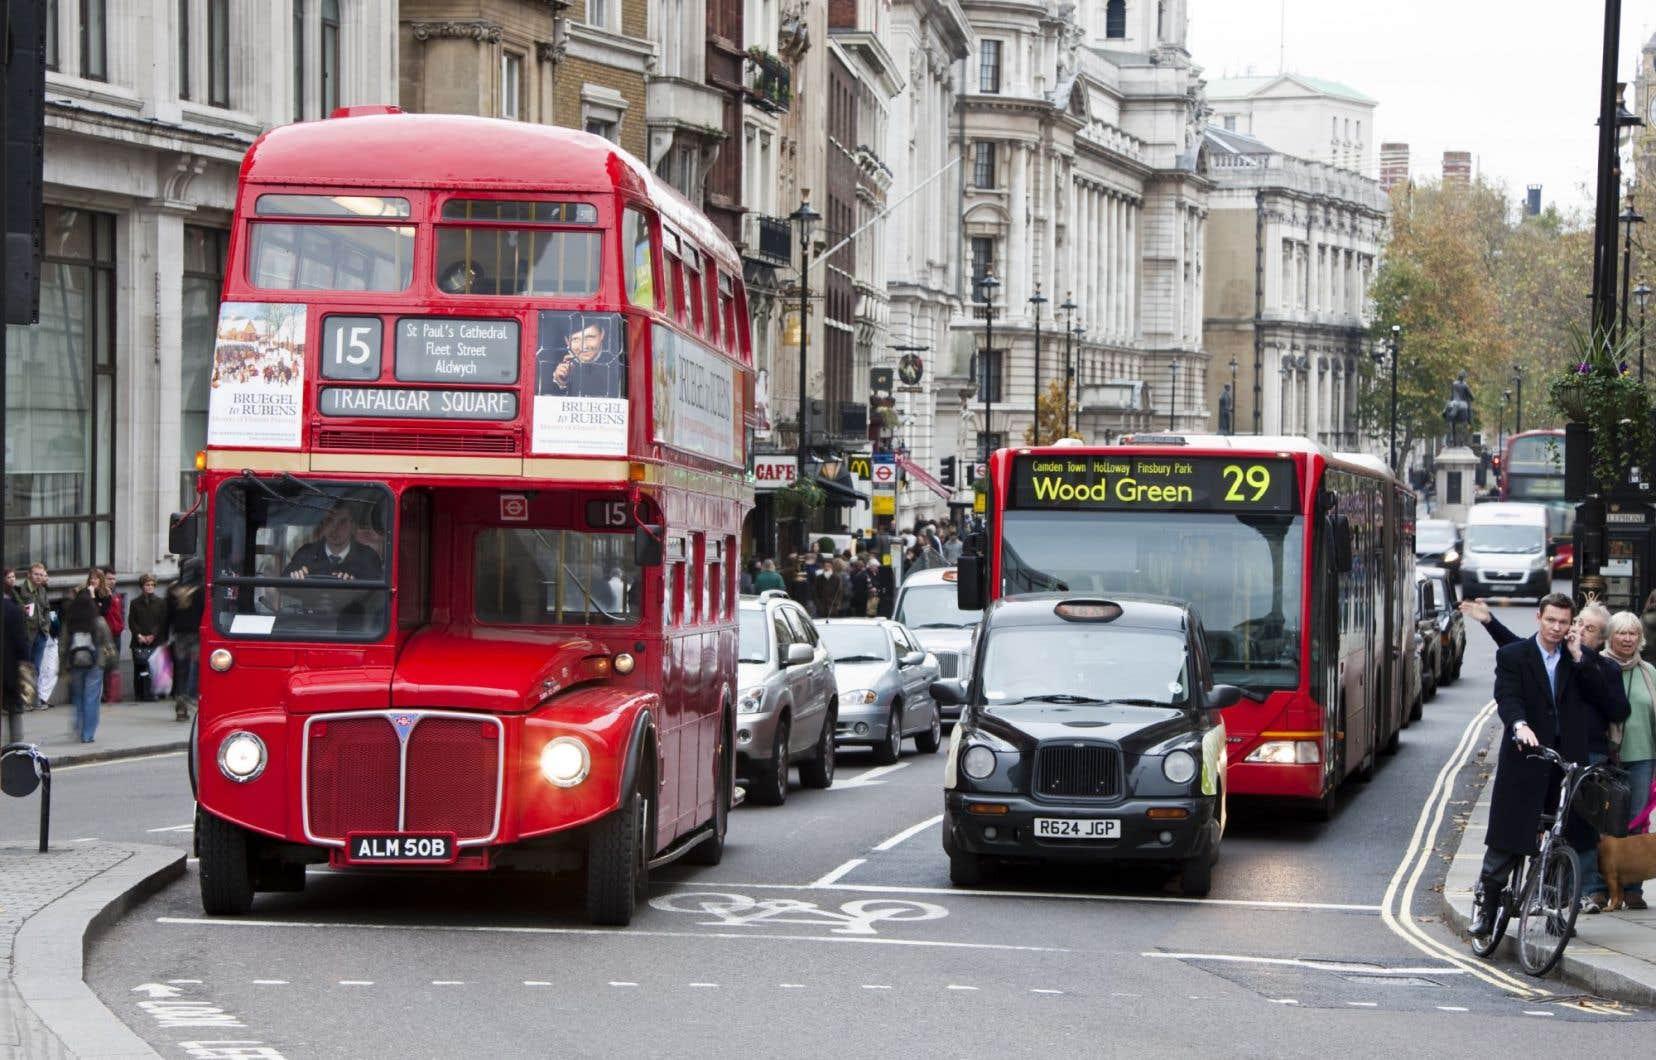 Une rue animée du centre-ville de la capitale anglaise où on a réussi à réduire considérablement la circulation automobile.